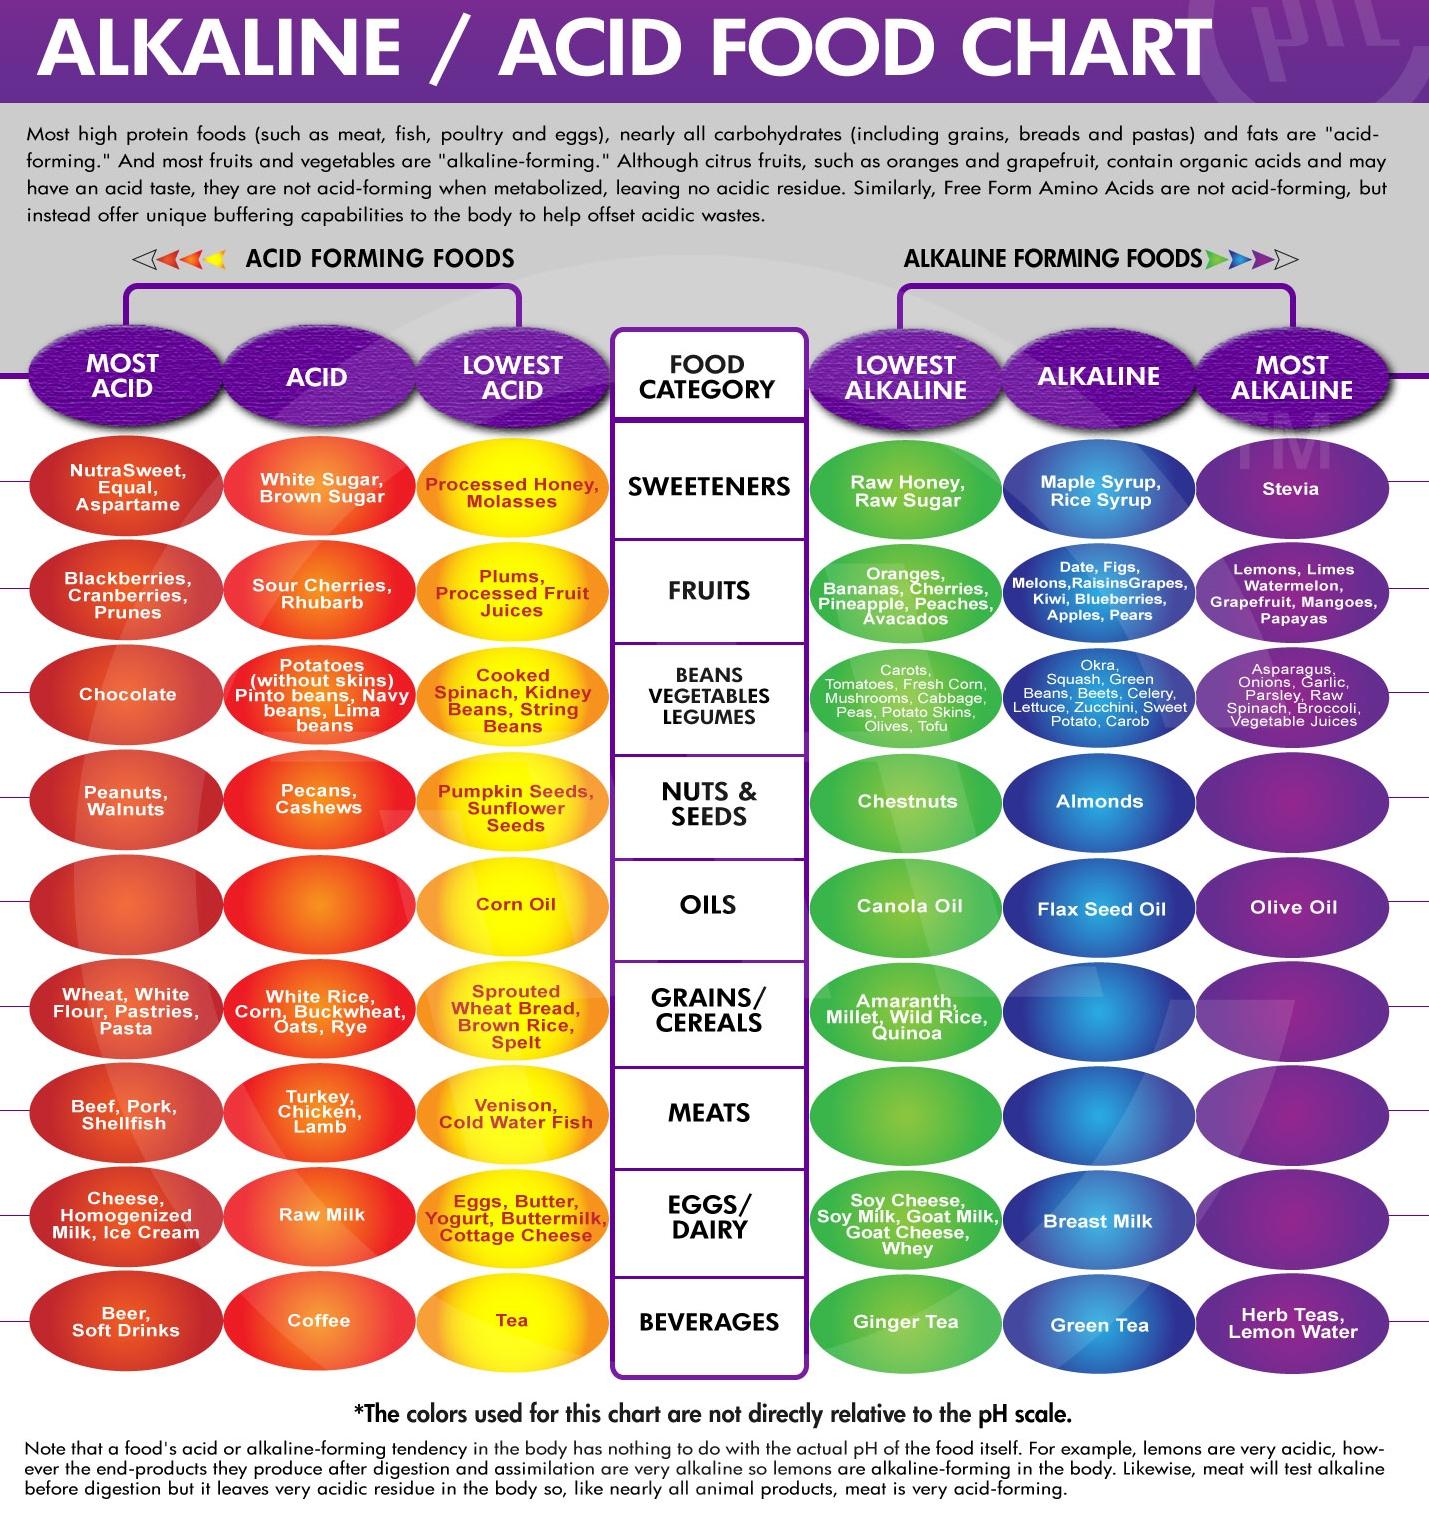 pH acid alkaline food chart